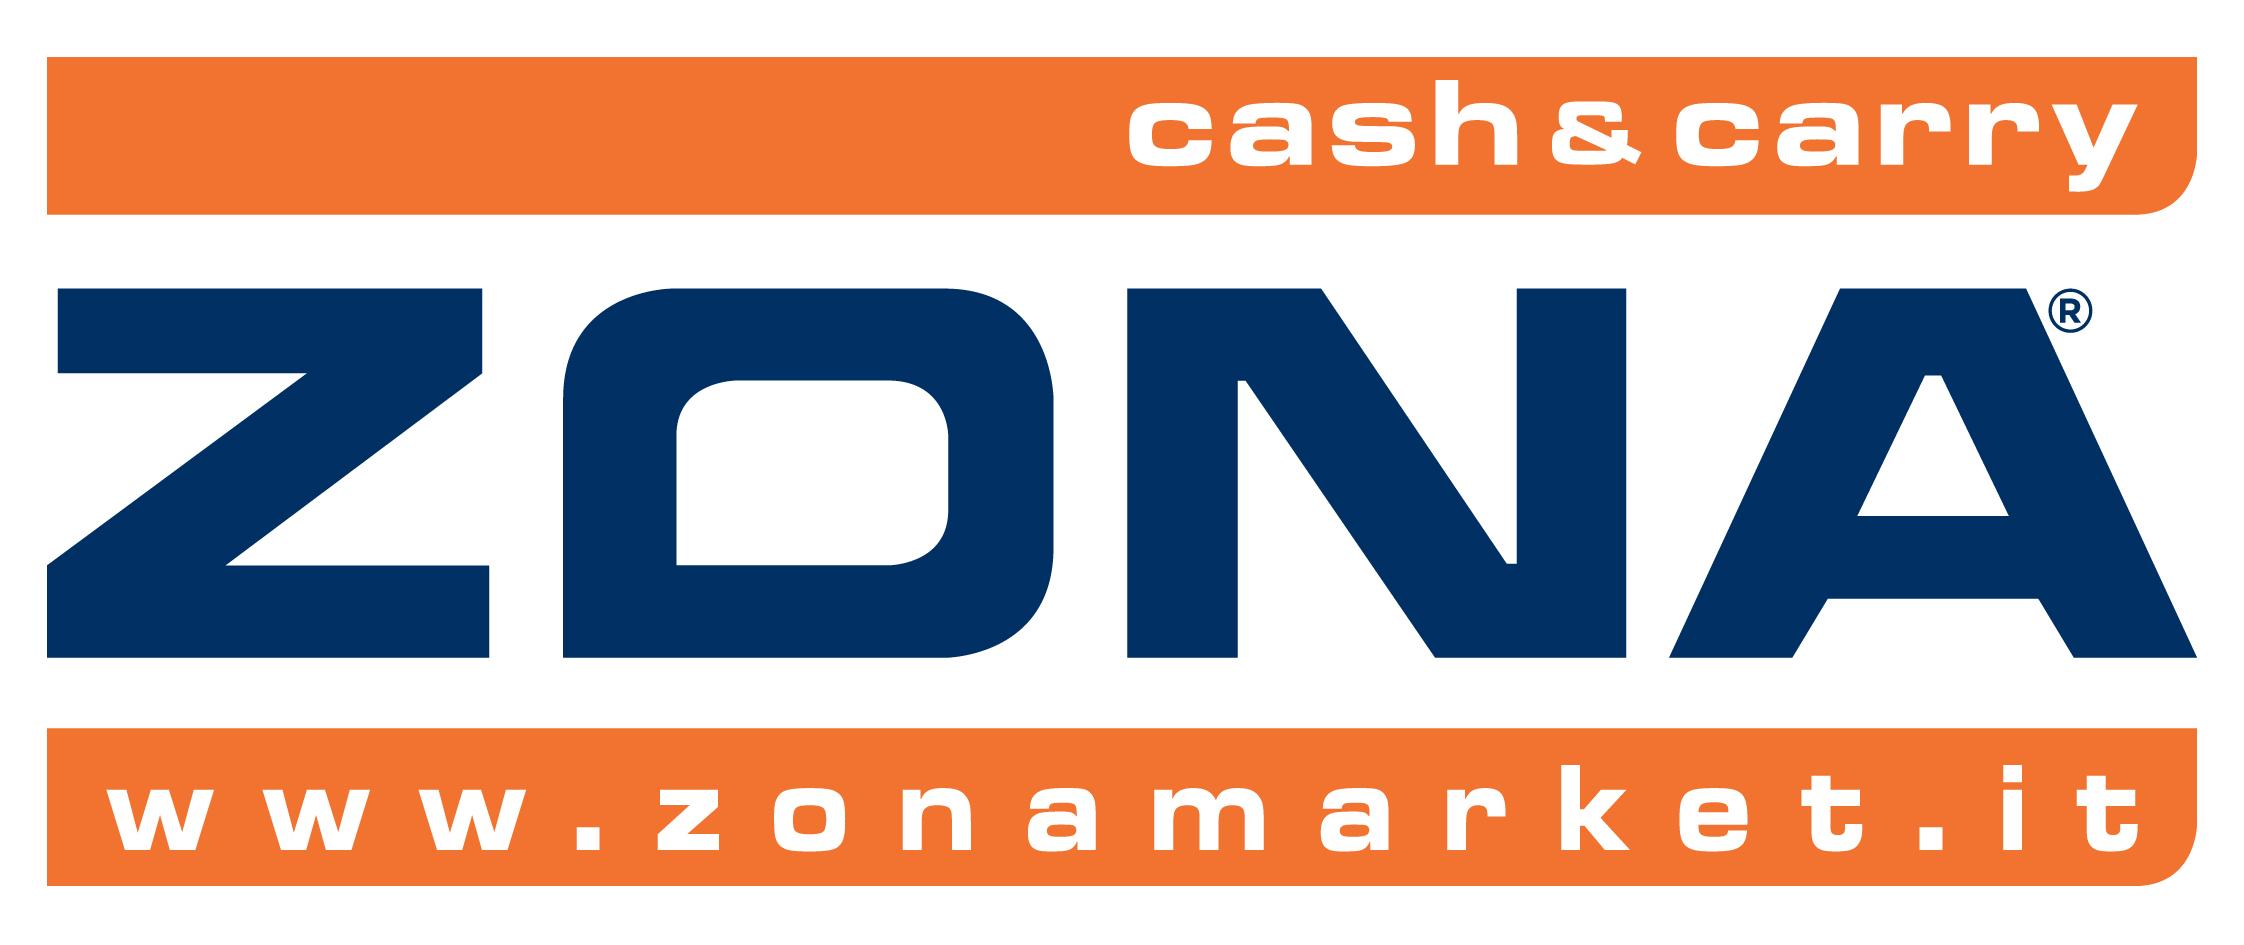 logo_ZONA_cash&carry